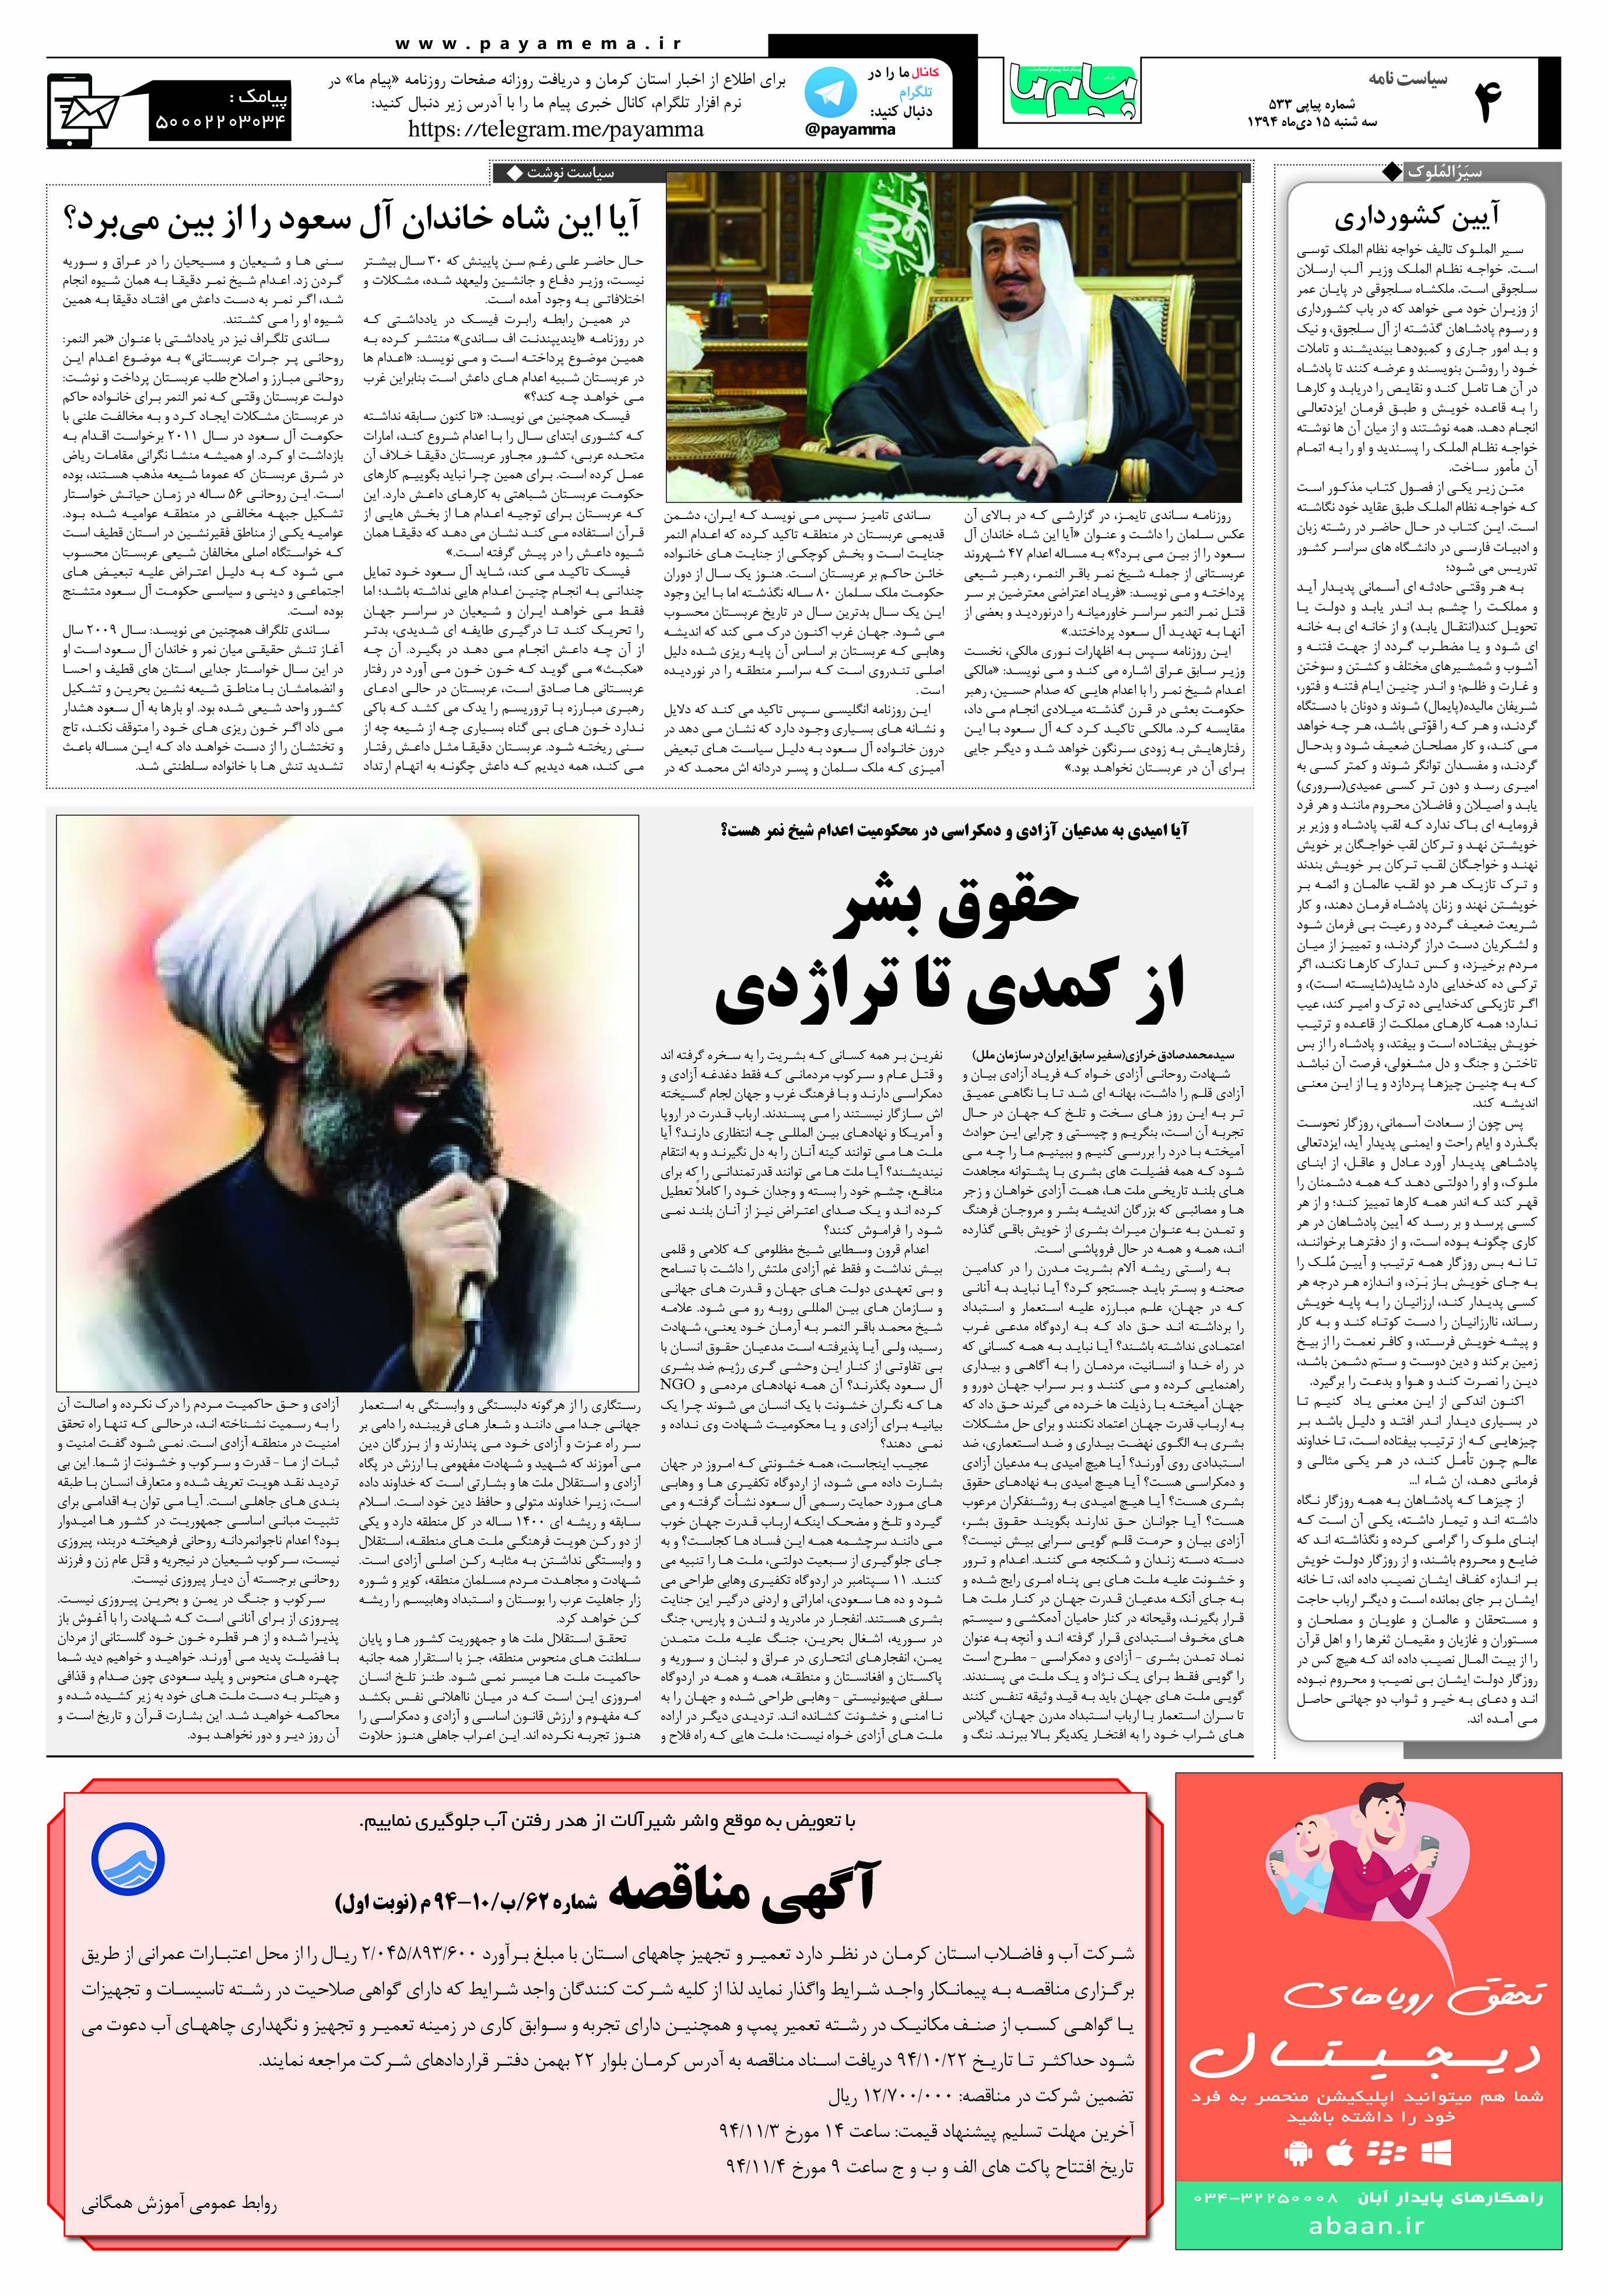 آیا امیدی به مدعیان آزادی و دمکراسی در محکومیت اعدام شیخ نمر هست؟ / حقوق بشر  از کمدی تا تراژدی